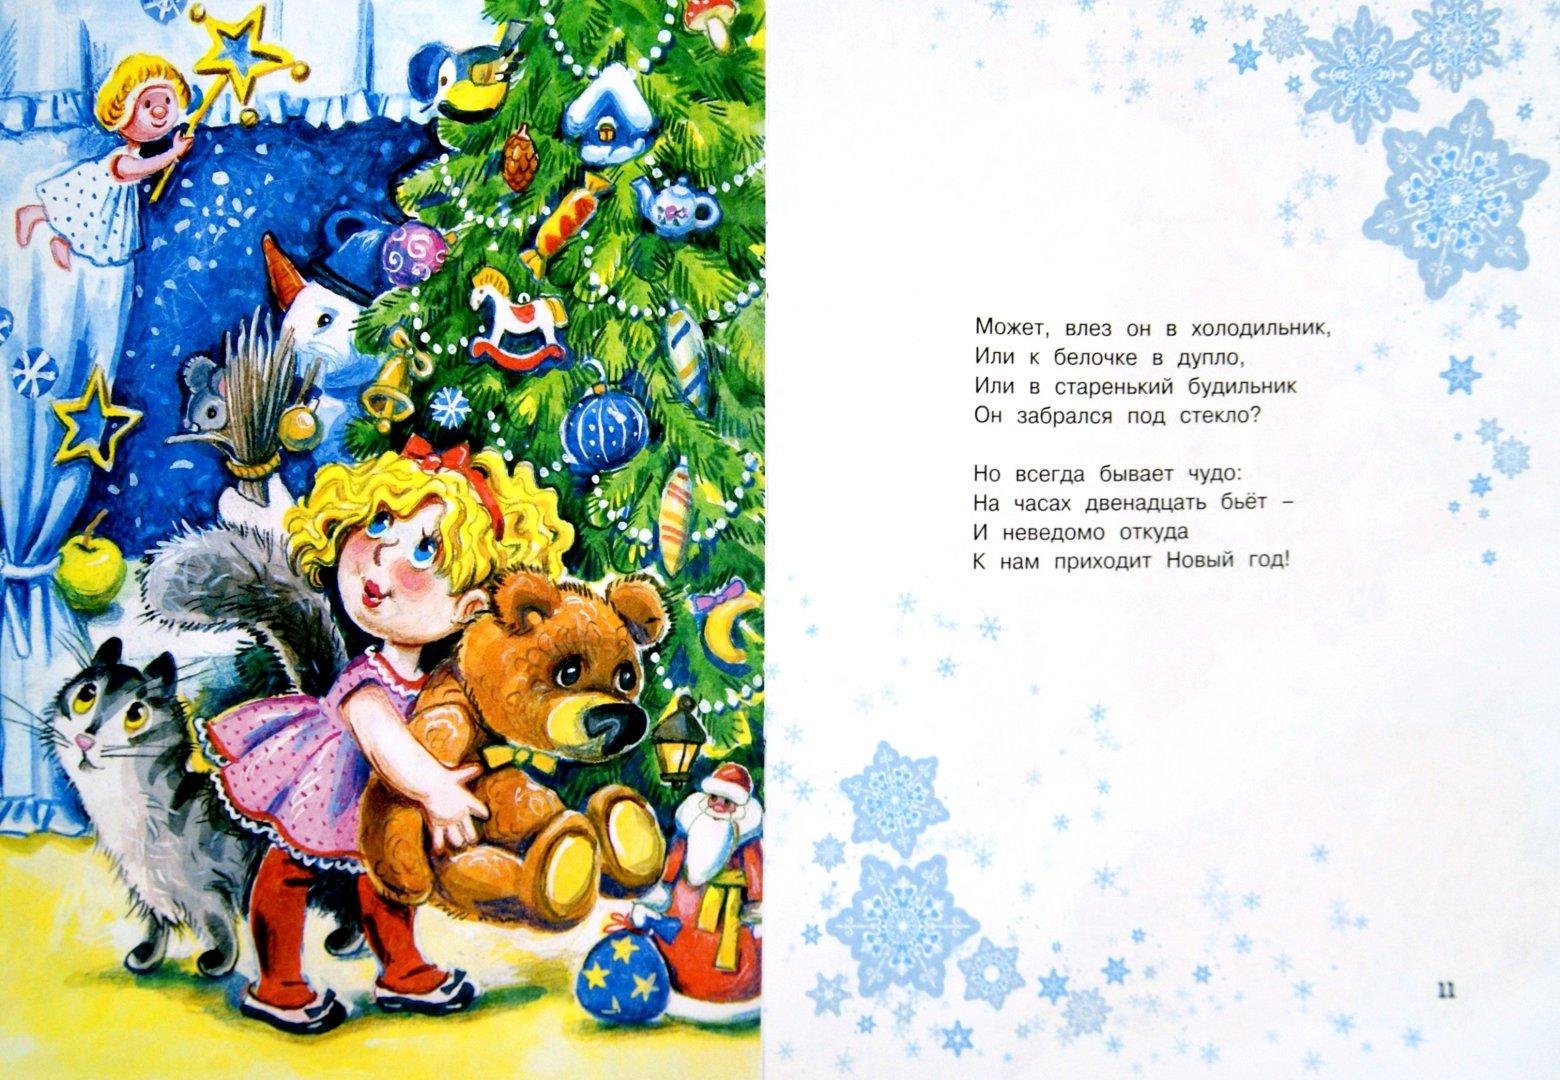 основе новогодние стихи звездочек свой вкус выбрать